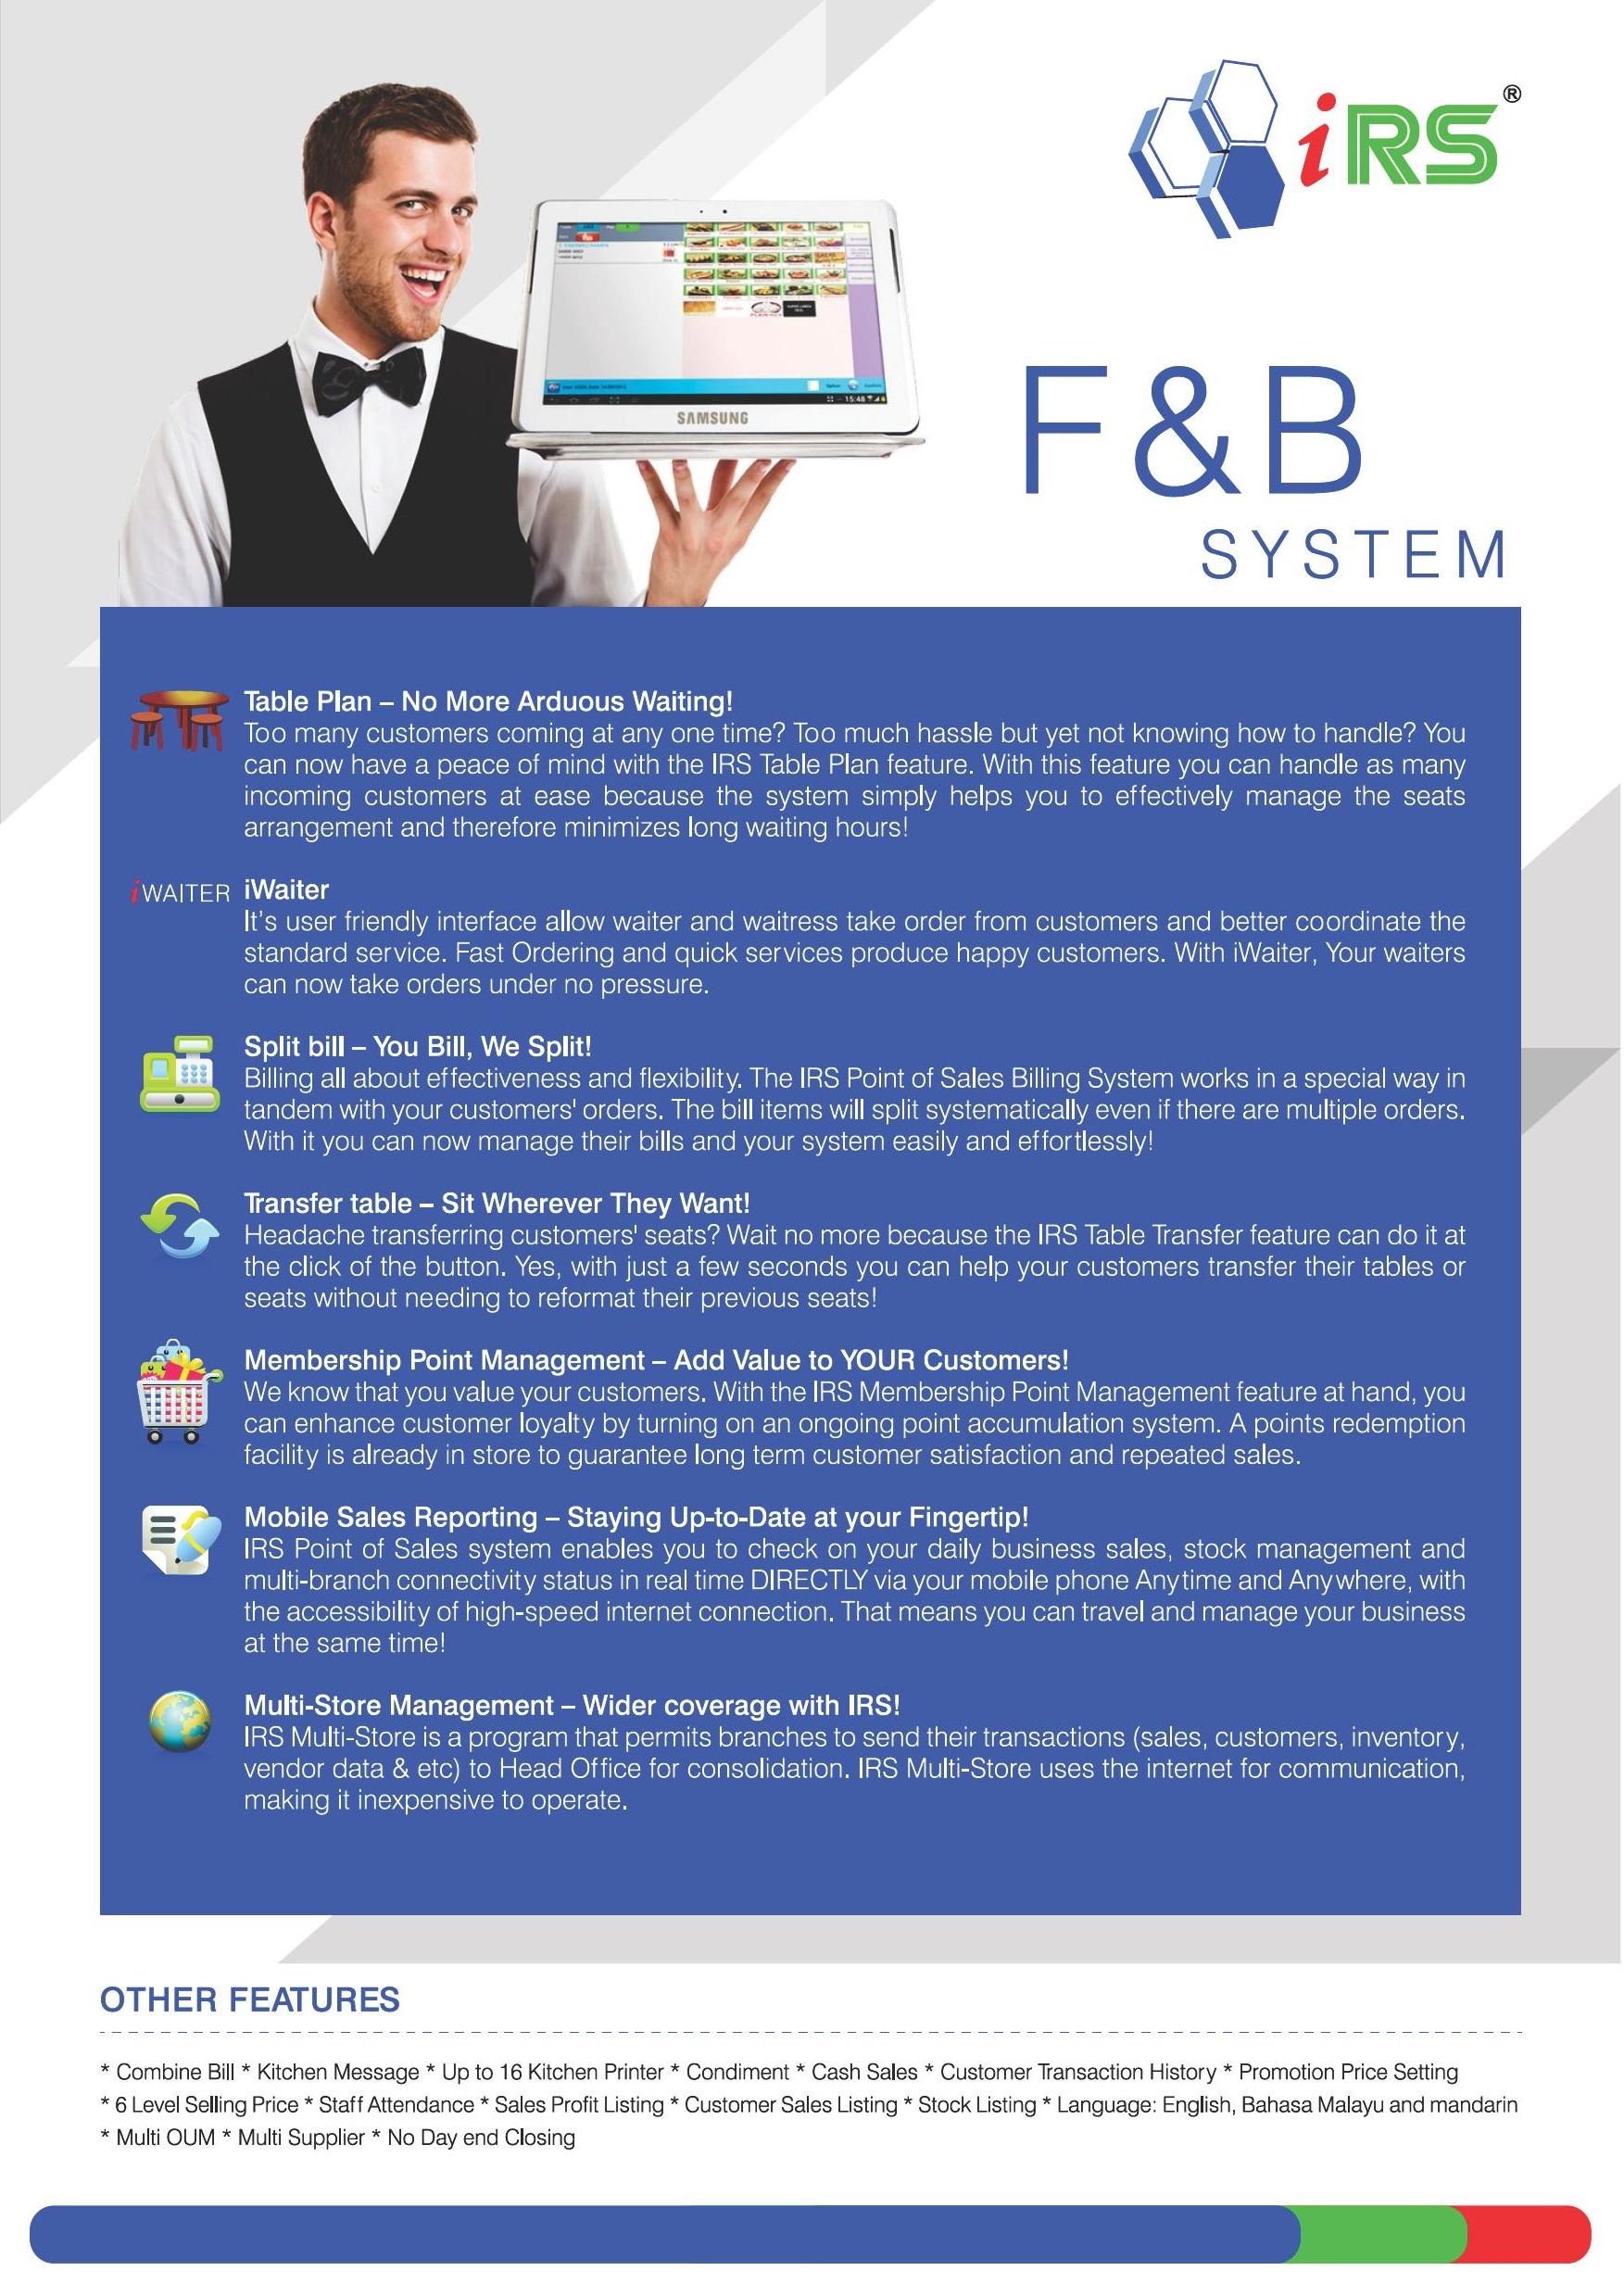 irs f&b system